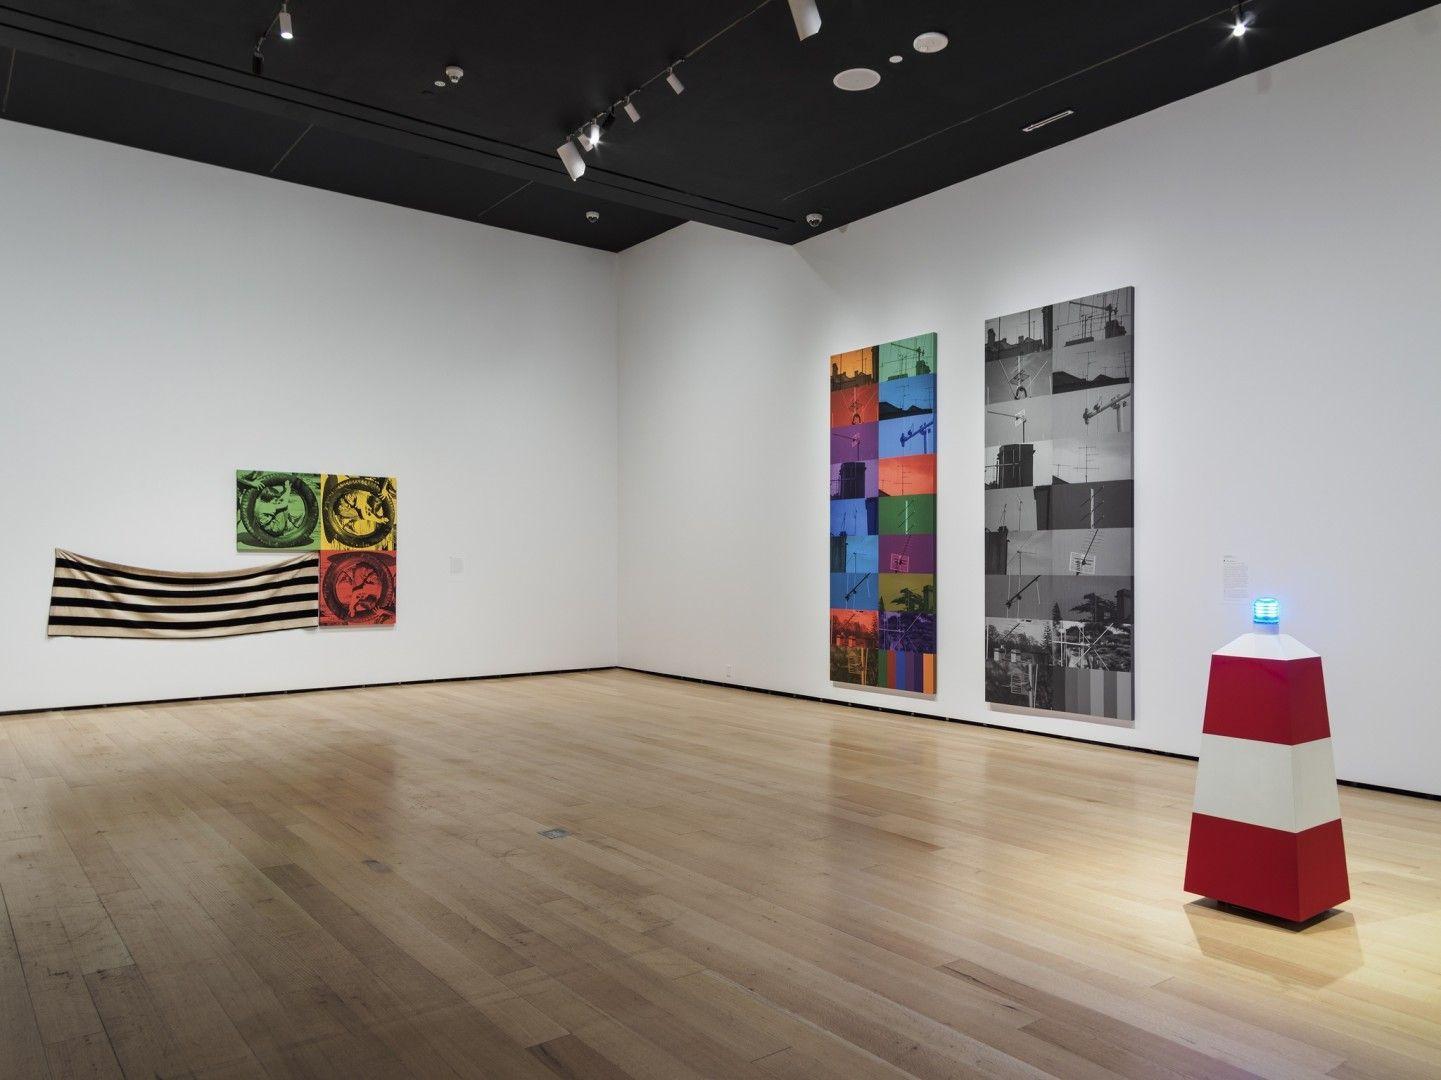 ANNETTE LEMIEUX Installation view ofMis en Scèneat Museum of Fine Arts, Boston, MA, 2018